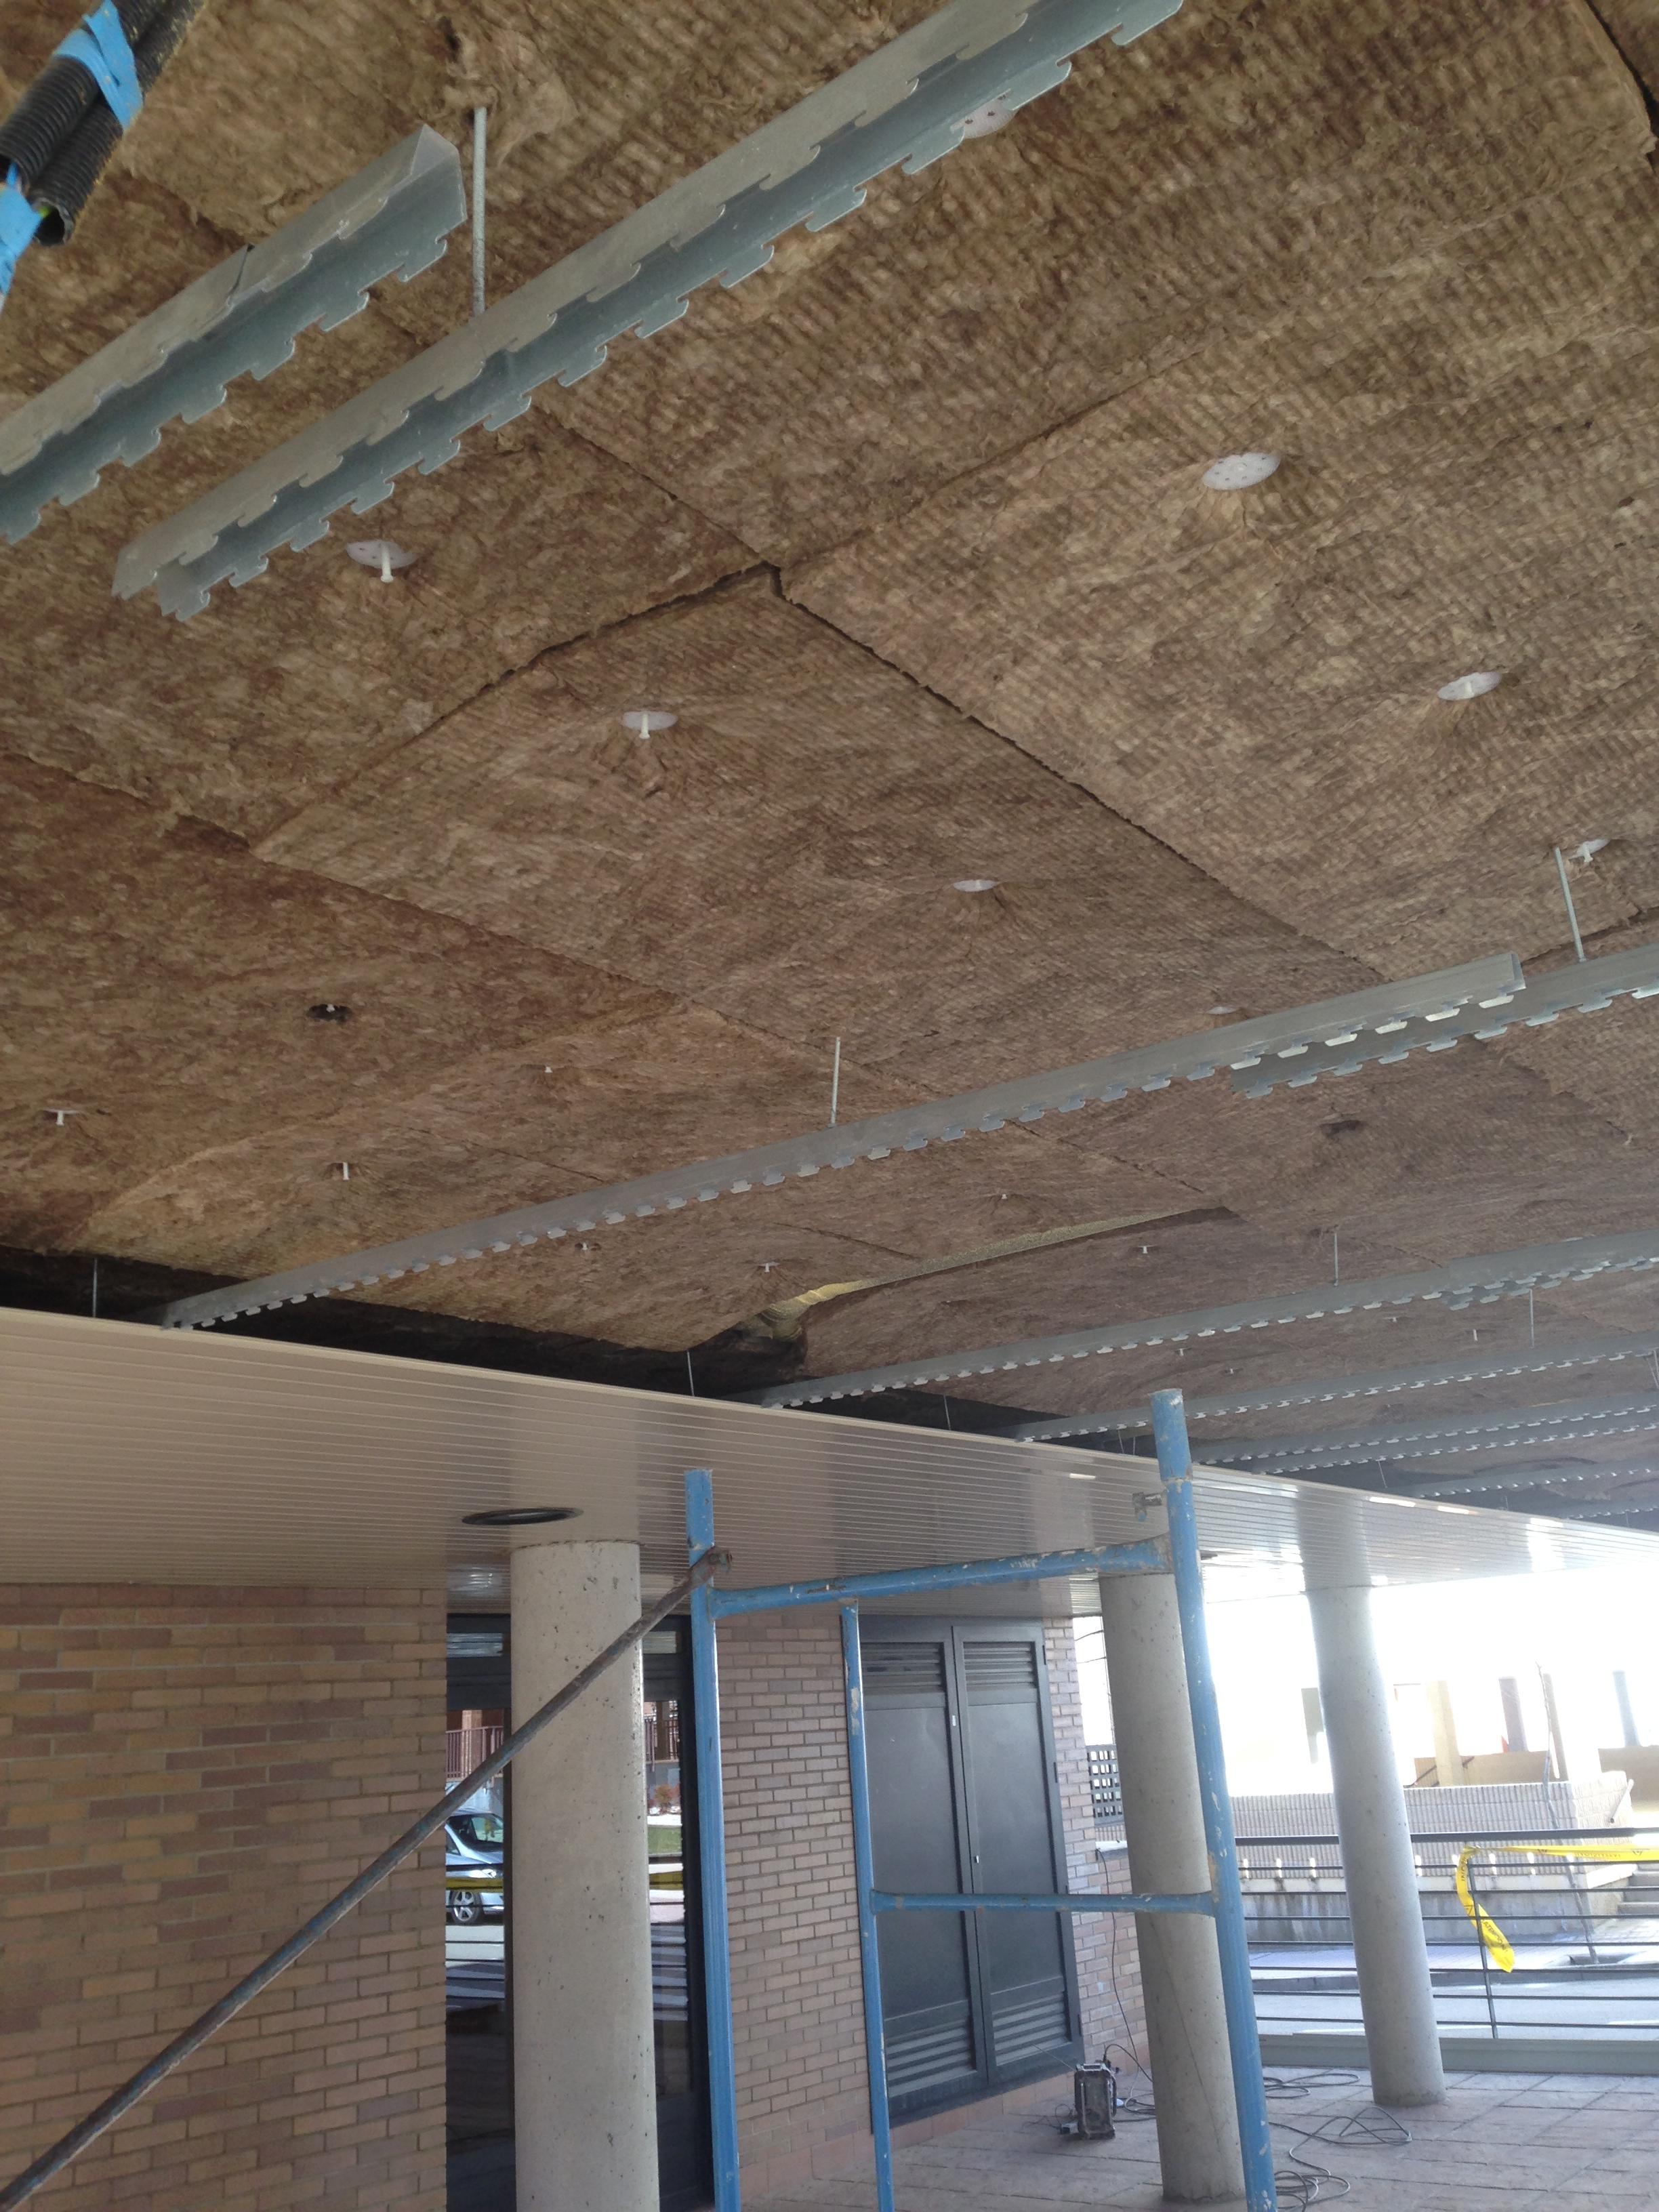 Aislamiento planta baja con doble plancha lana de roca en techo desmontable aluminio.